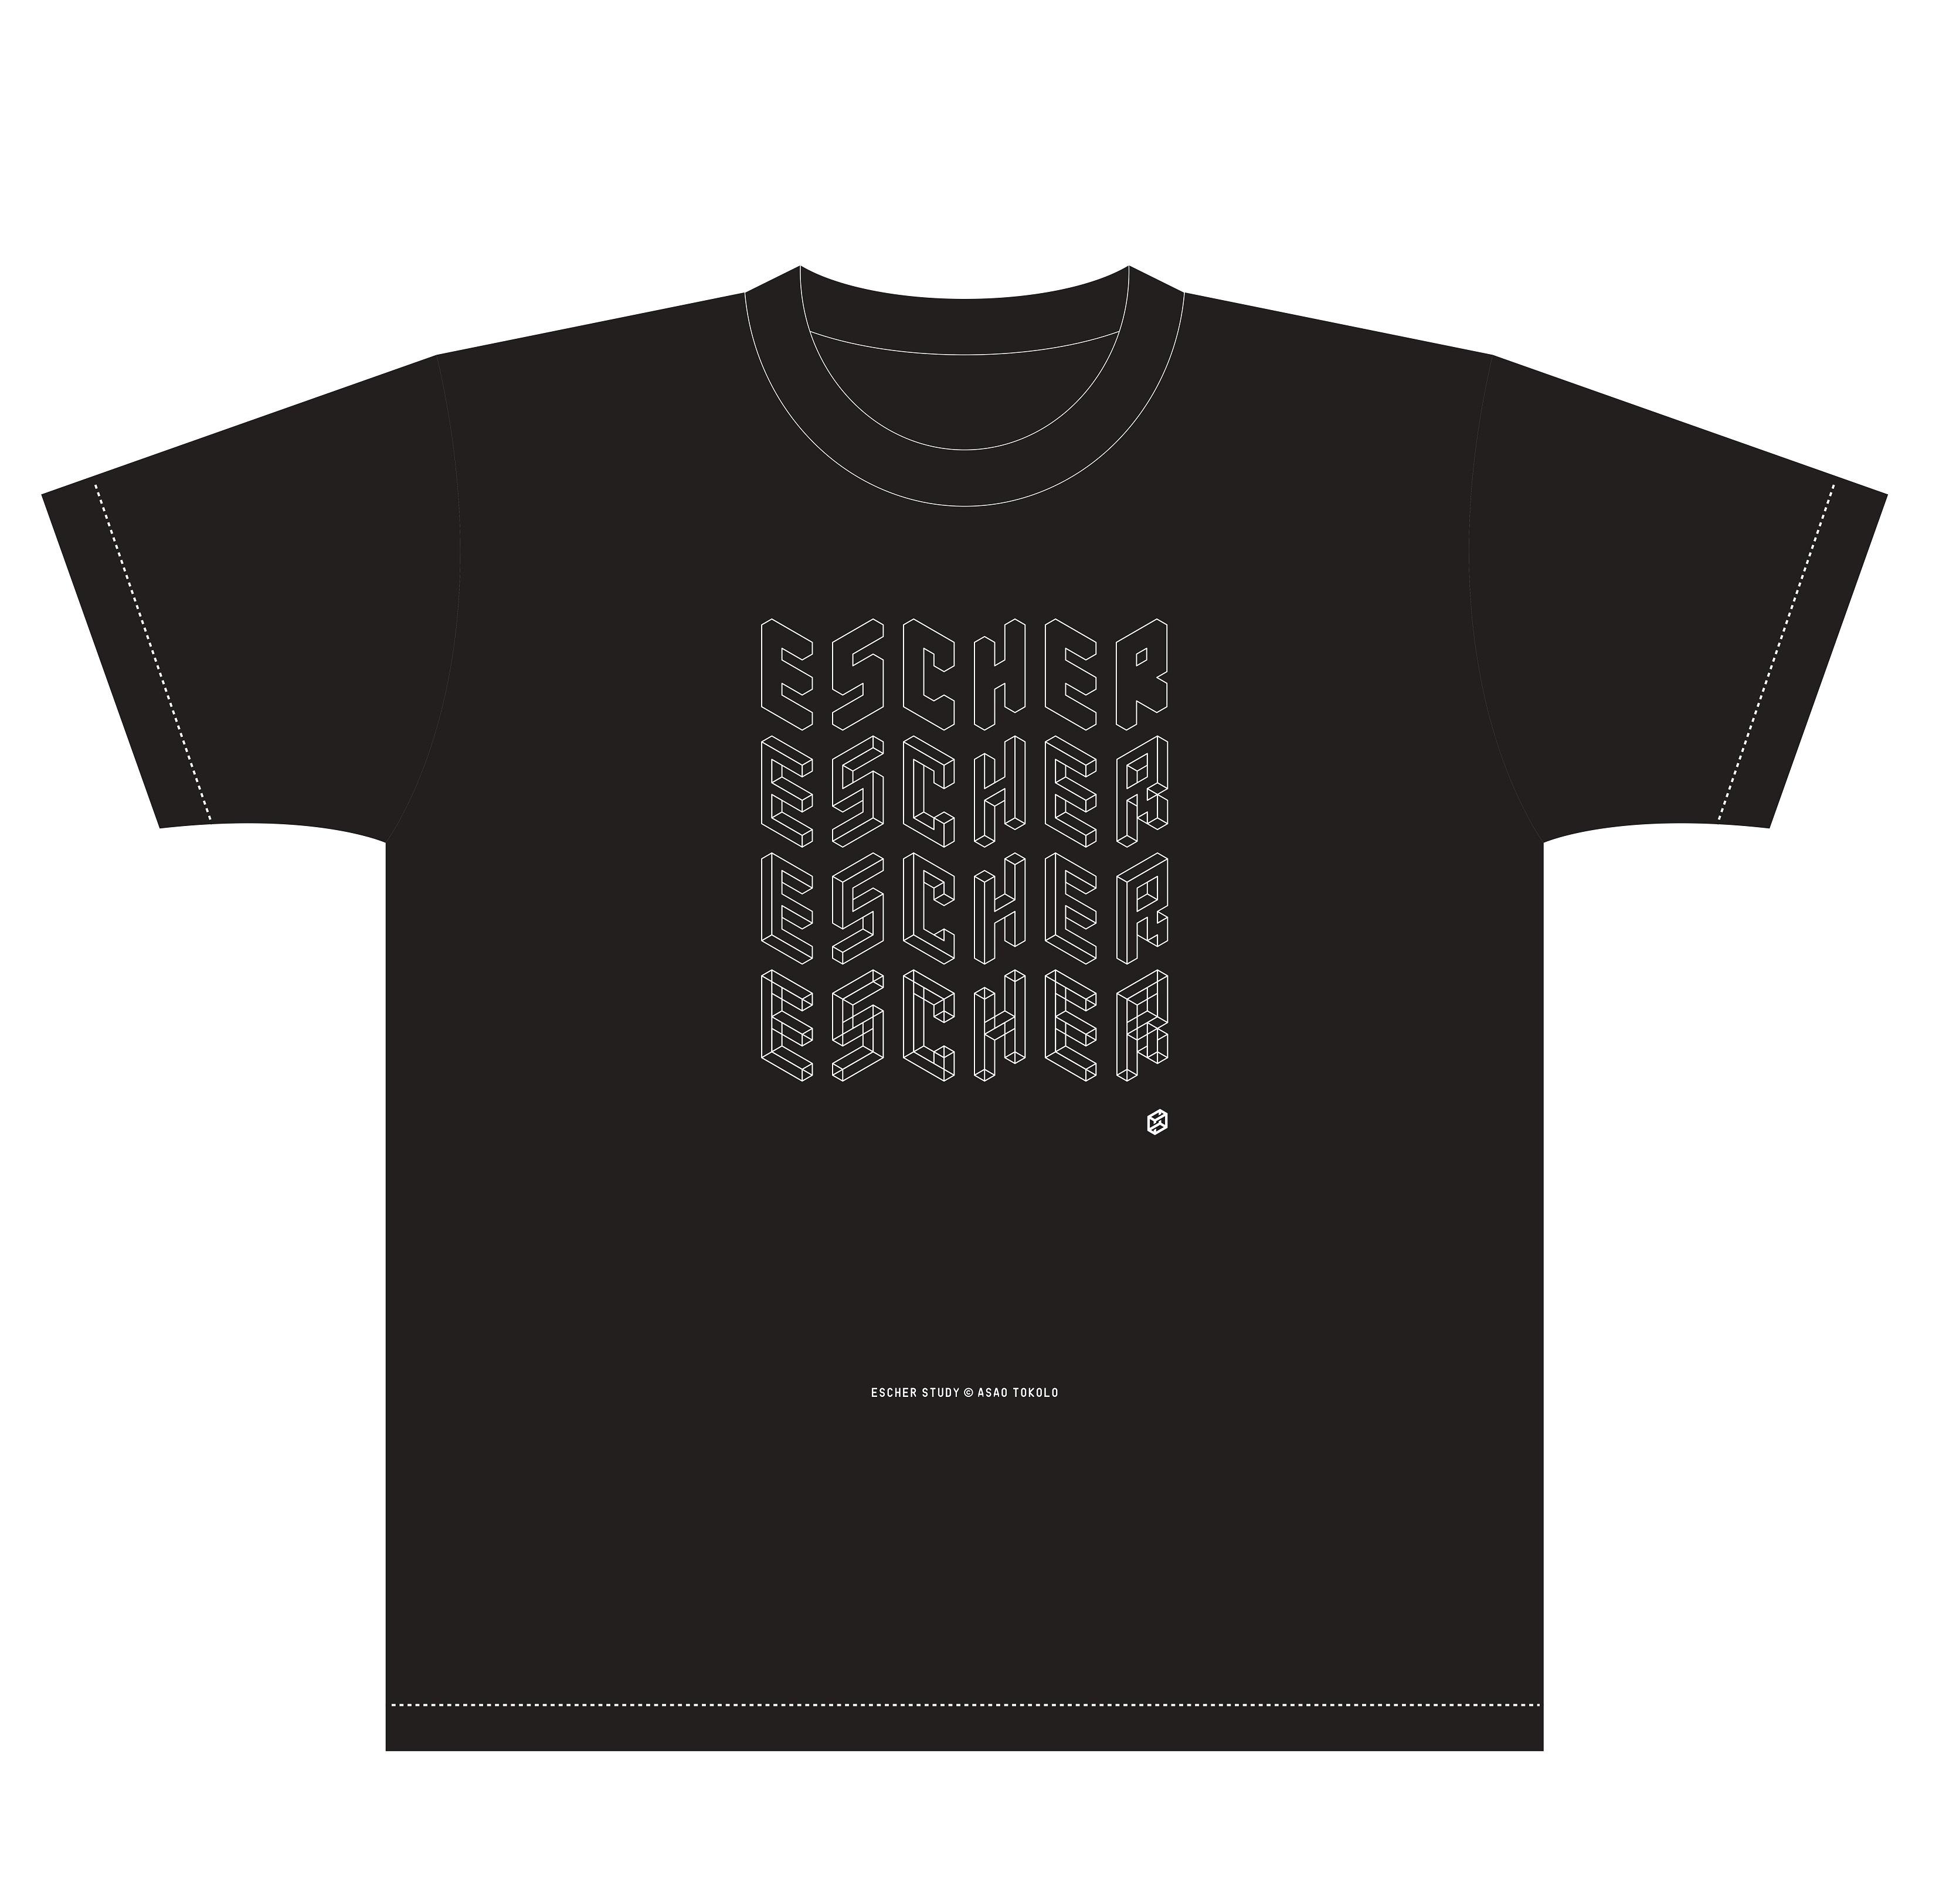 escher×野老朝雄 Tシャツ(黒・紺 150,S,M,L,XL) 各 3,200 円(税込)